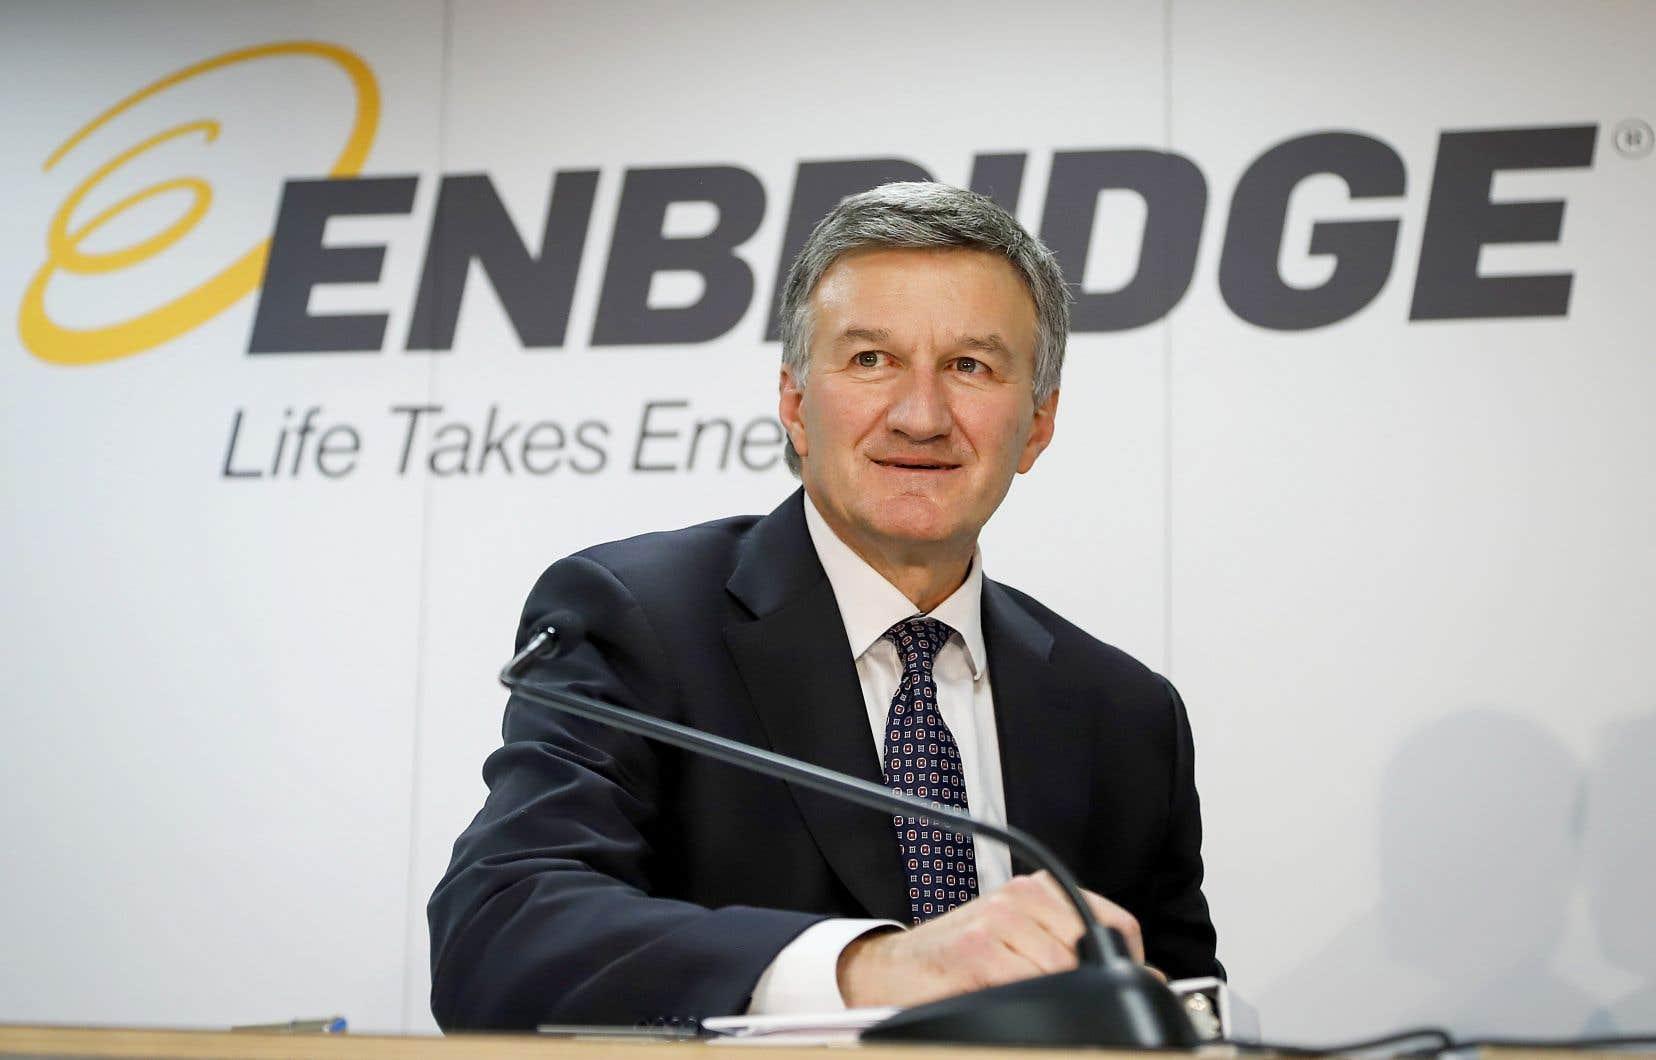 Le salaire du président d'Enbridge, Al Monaco, s'élevait à près de 1 600 000$ en 2019, sans compter les avantages marginaux.